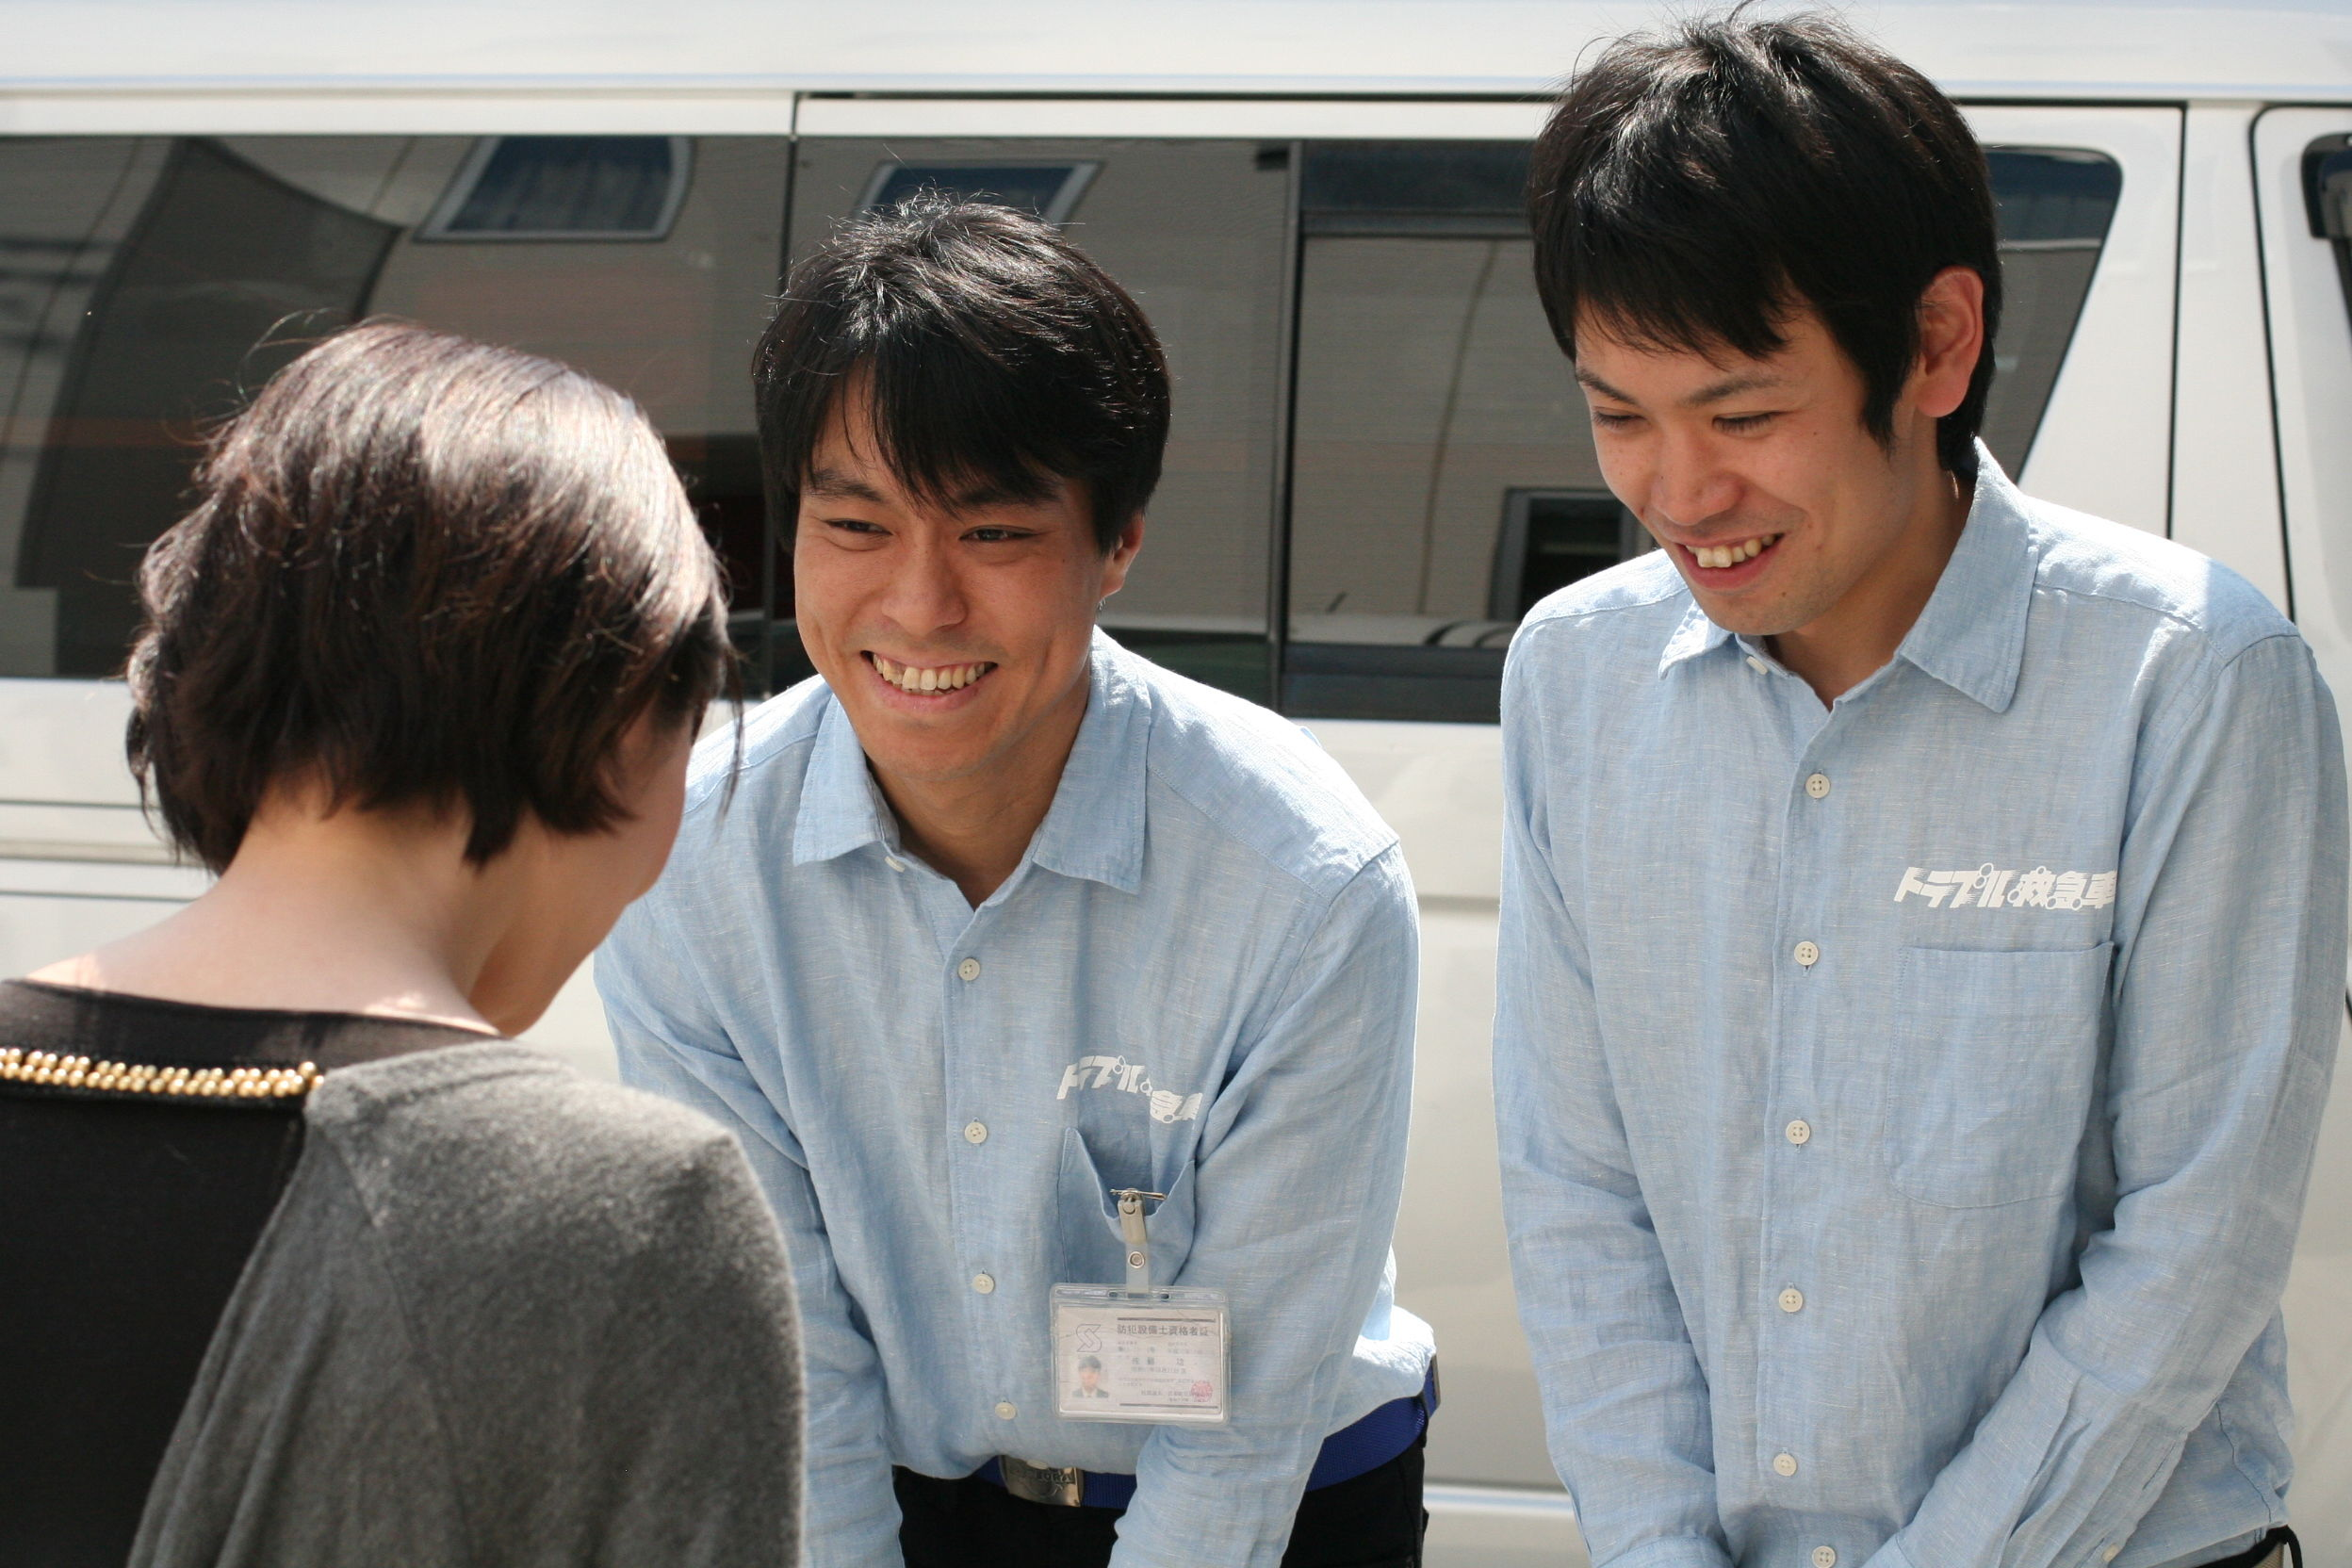 カギのトラブル救急車【札幌市厚別区 出張エリア】のアピールポイント1